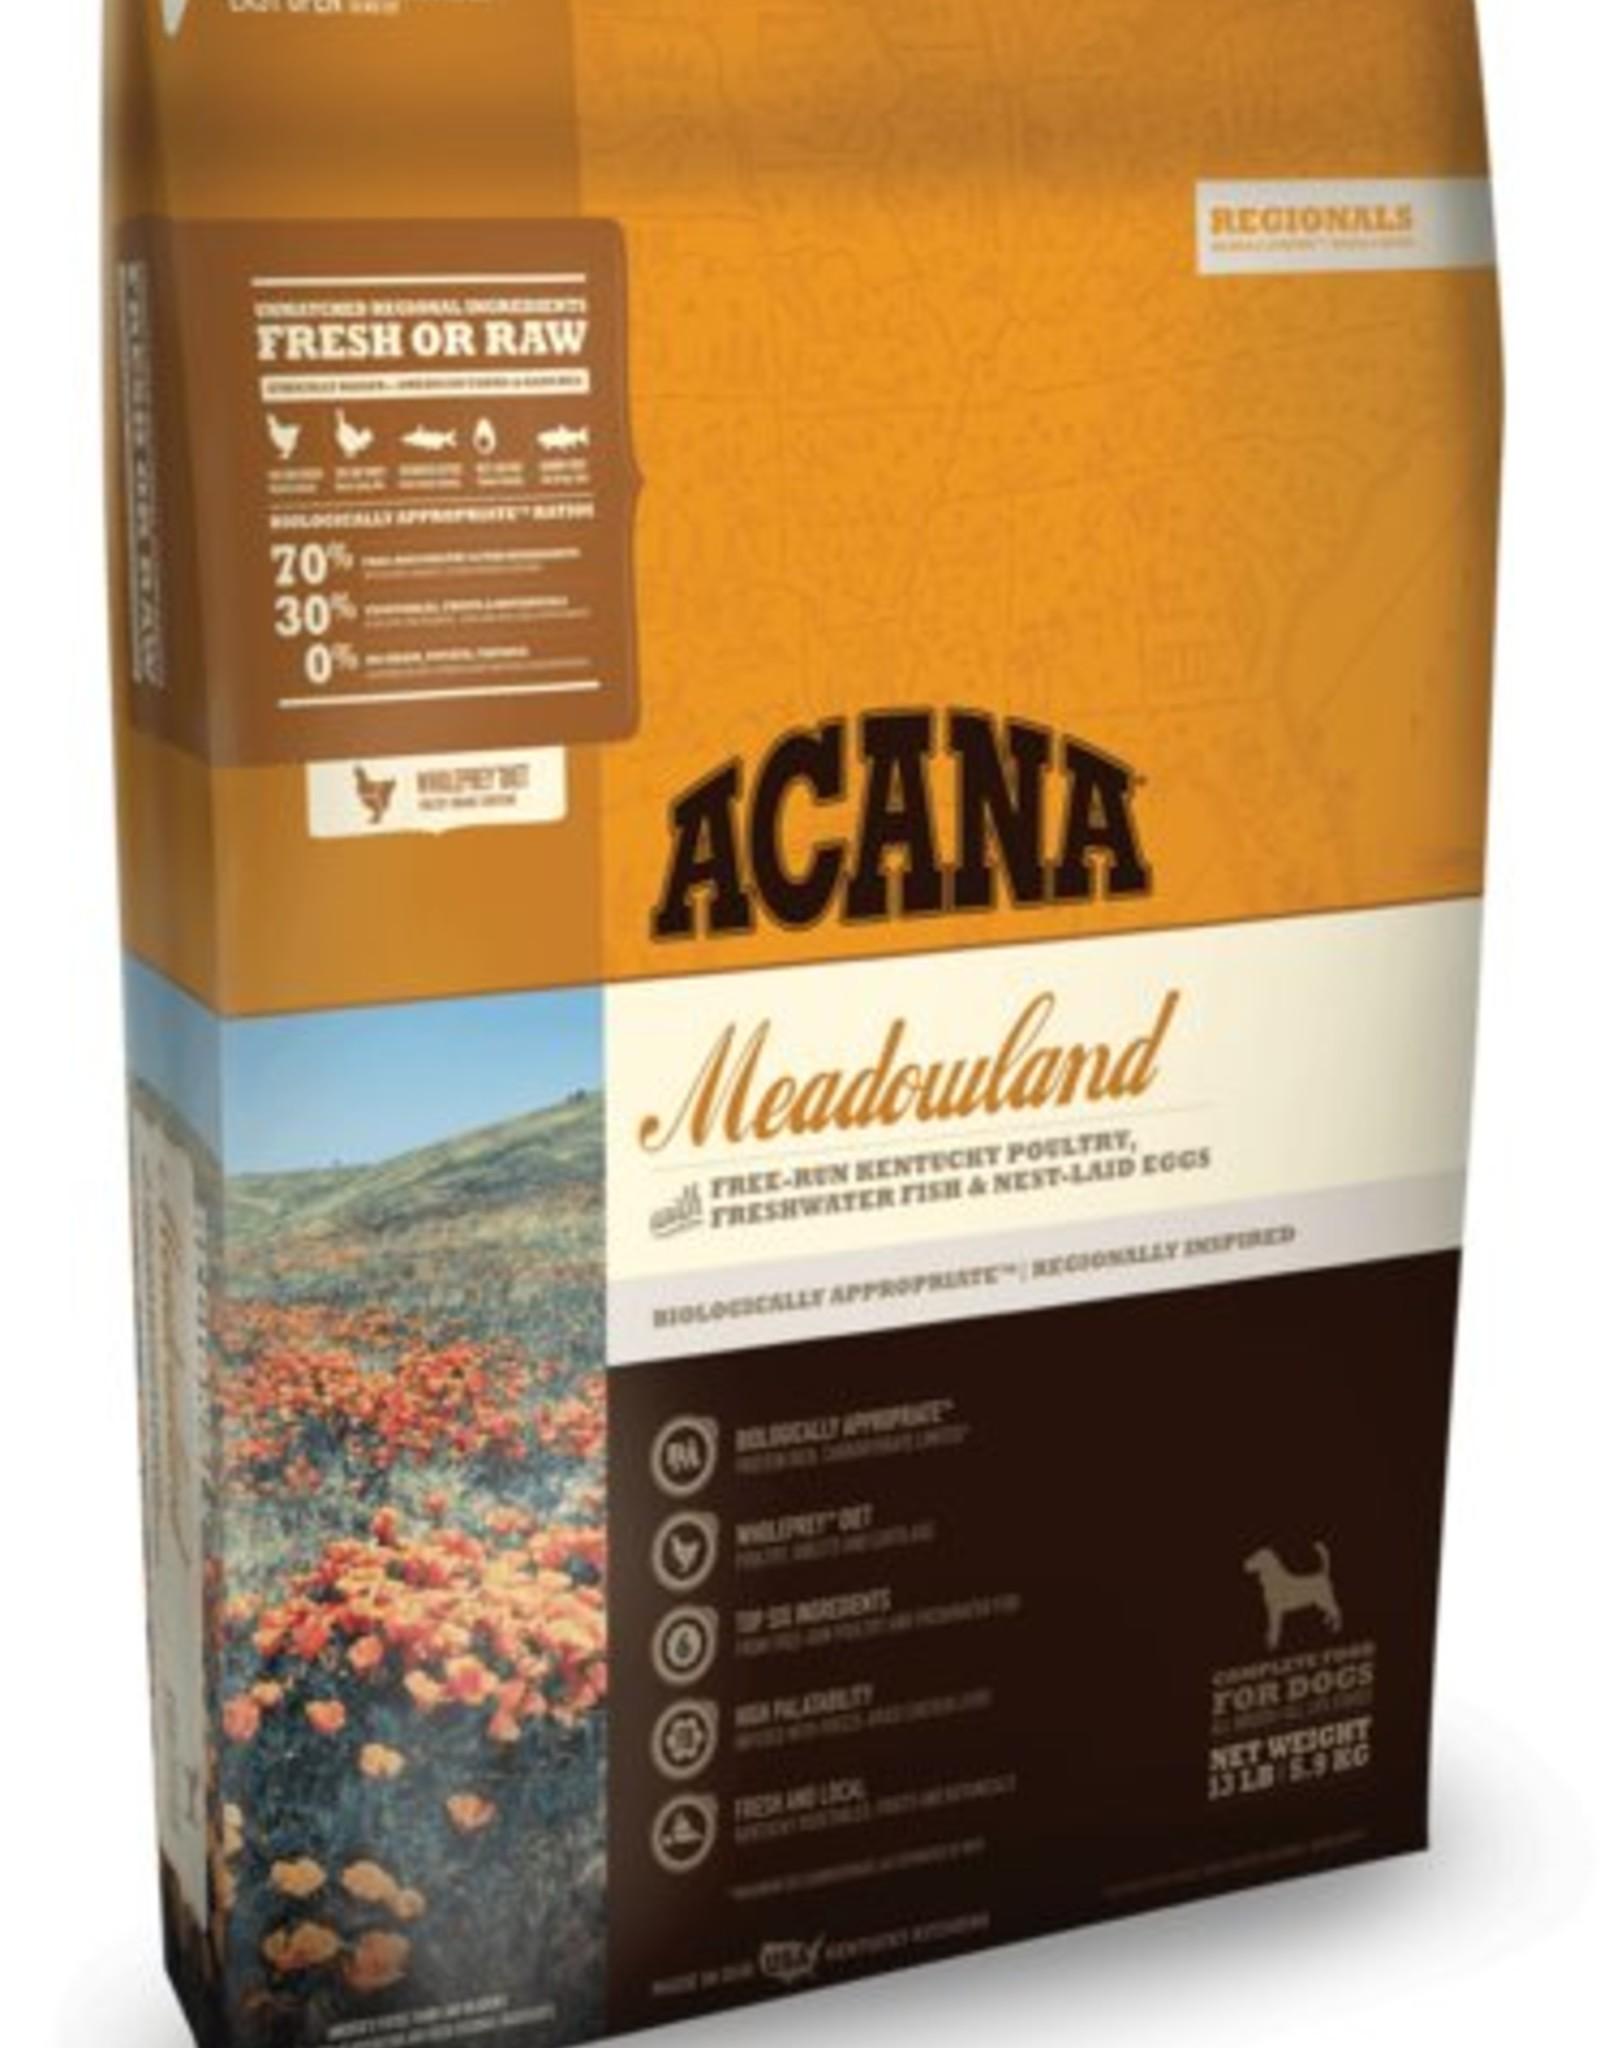 Acana Meadowland Regional Formula Grain-Free Dog Food